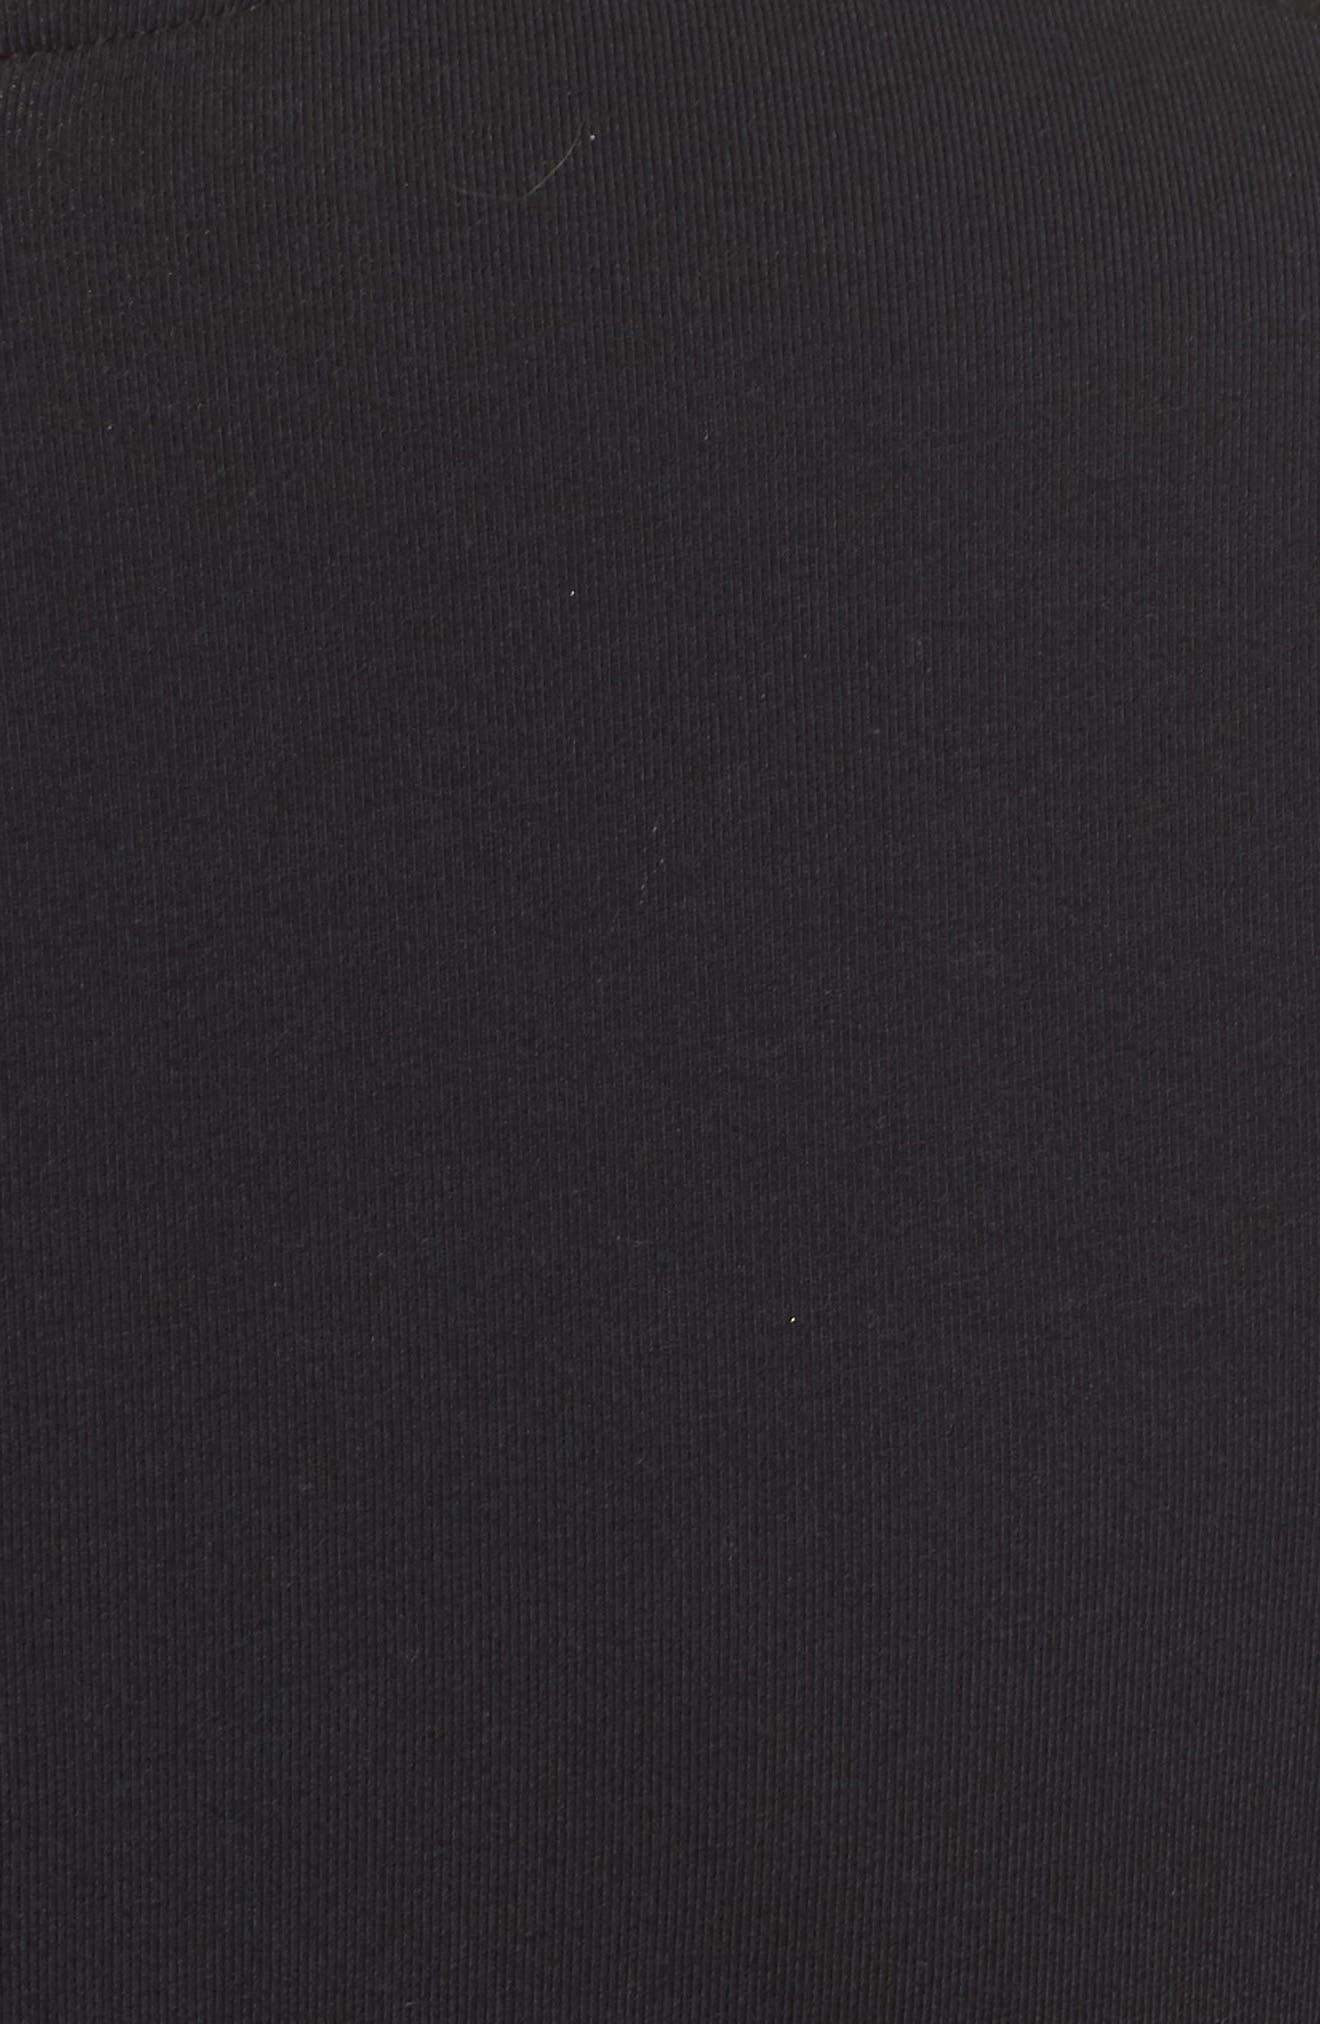 T7 Velour Panel Jumpsuit,                             Alternate thumbnail 6, color,                             001